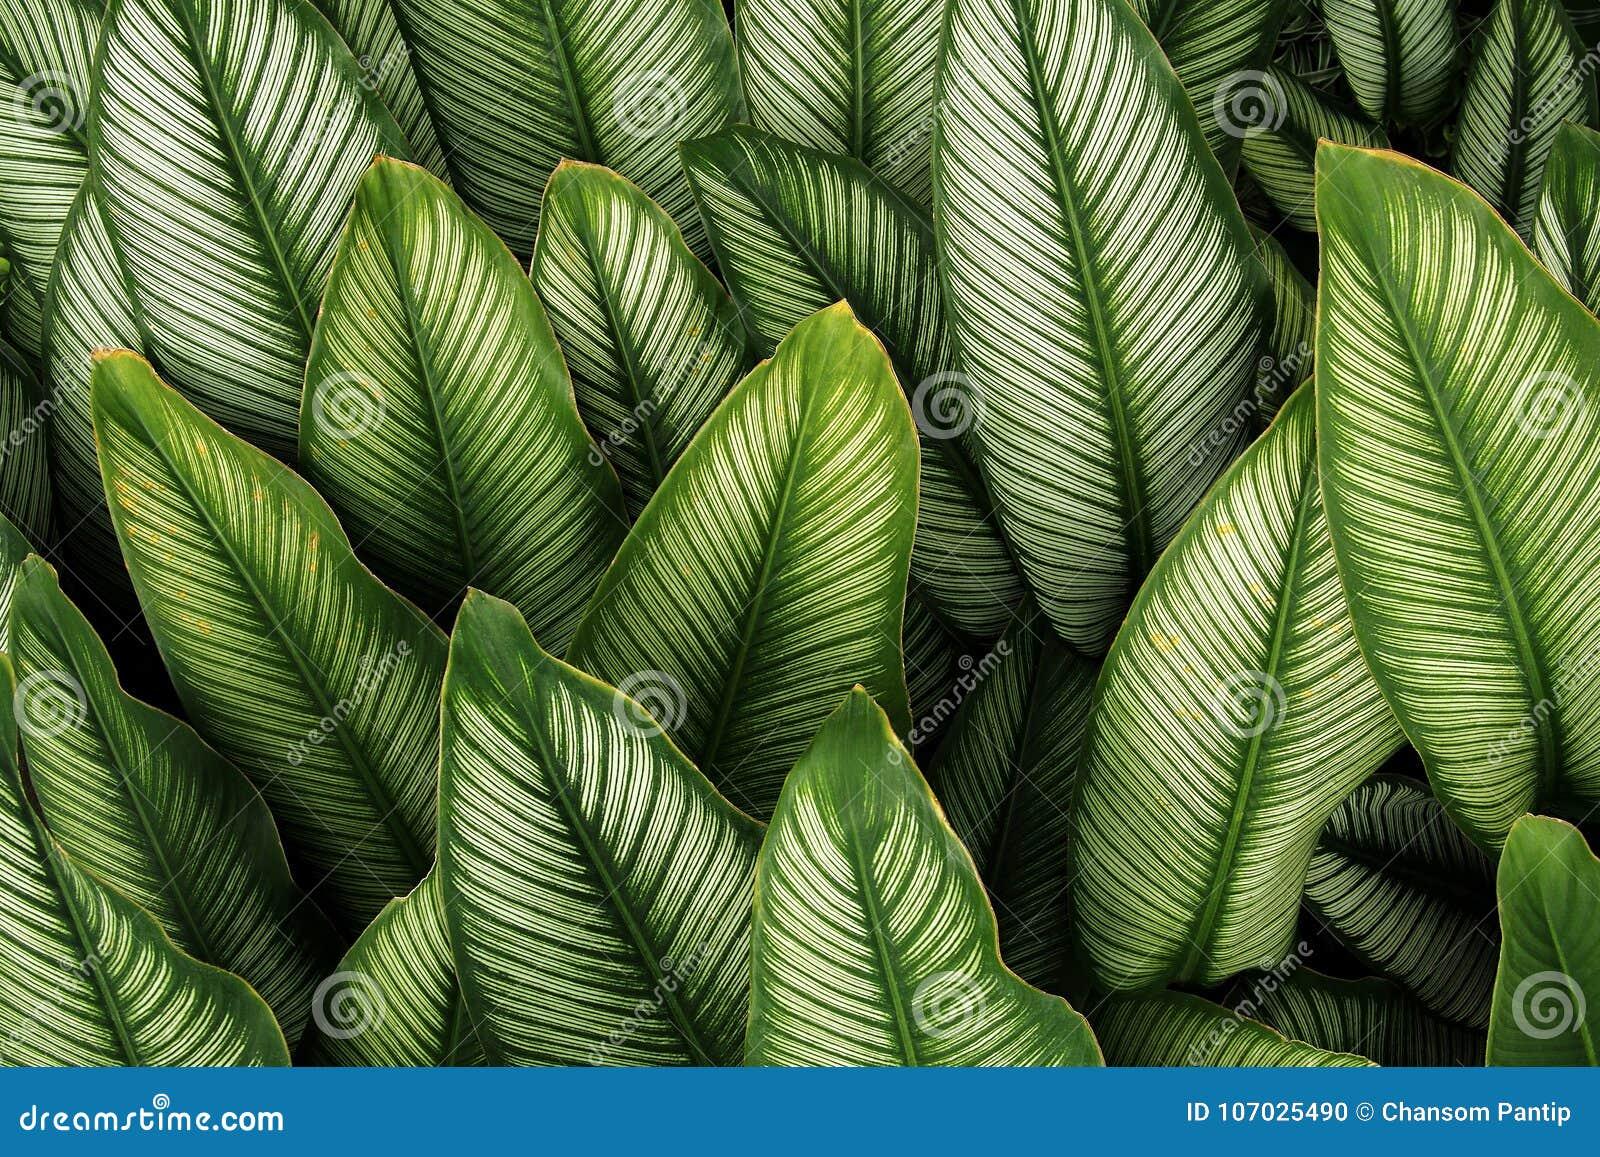 Folha verde com as listras brancas do majestica de Calathea, f tropical